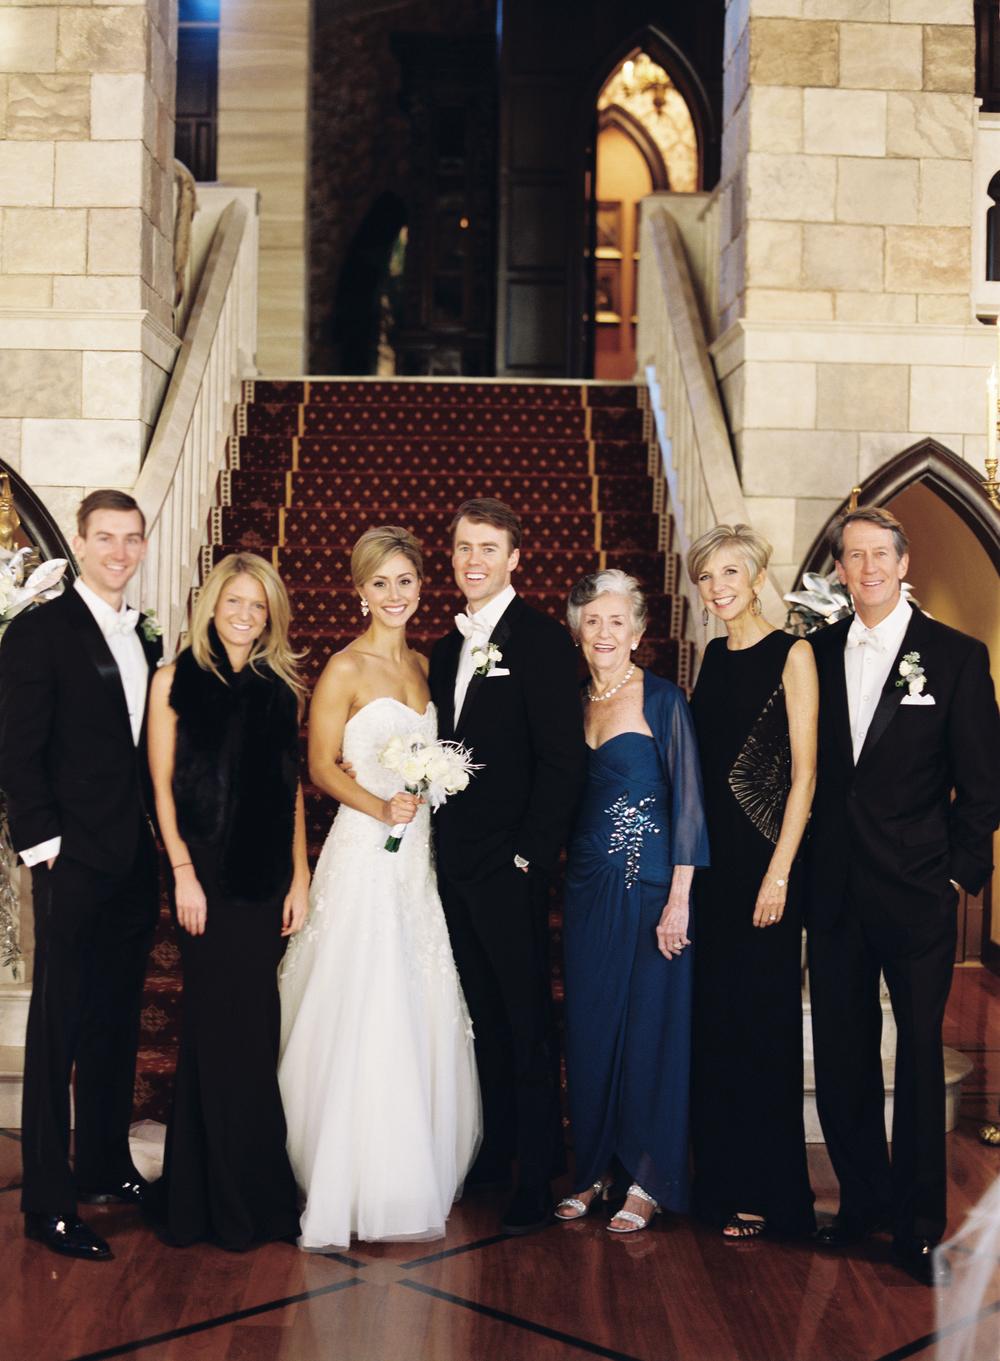 Squires-Saunders_Wedding-5071.jpg